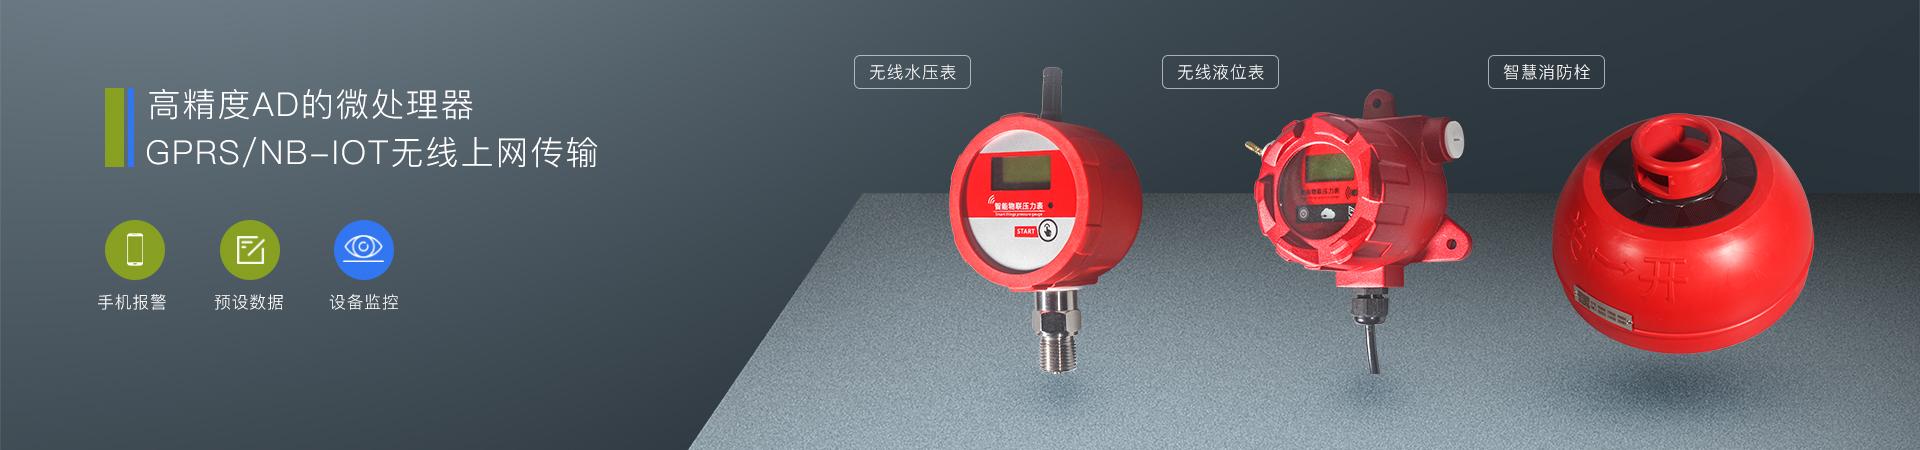 http://www.acmepower.com.cn/data/upload/202011/20201118175113_186.jpg